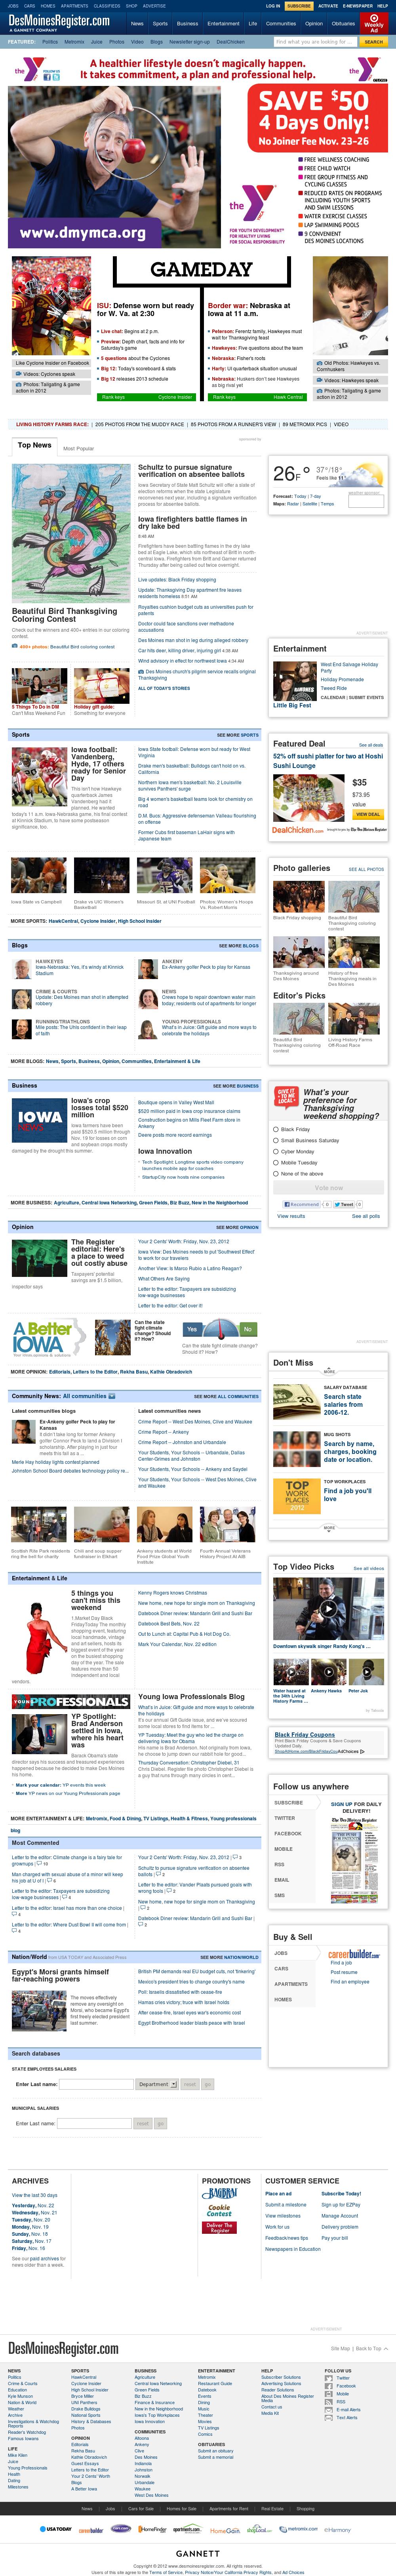 DesMoinesRegister.com at Friday Nov. 23, 2012, 3:07 p.m. UTC